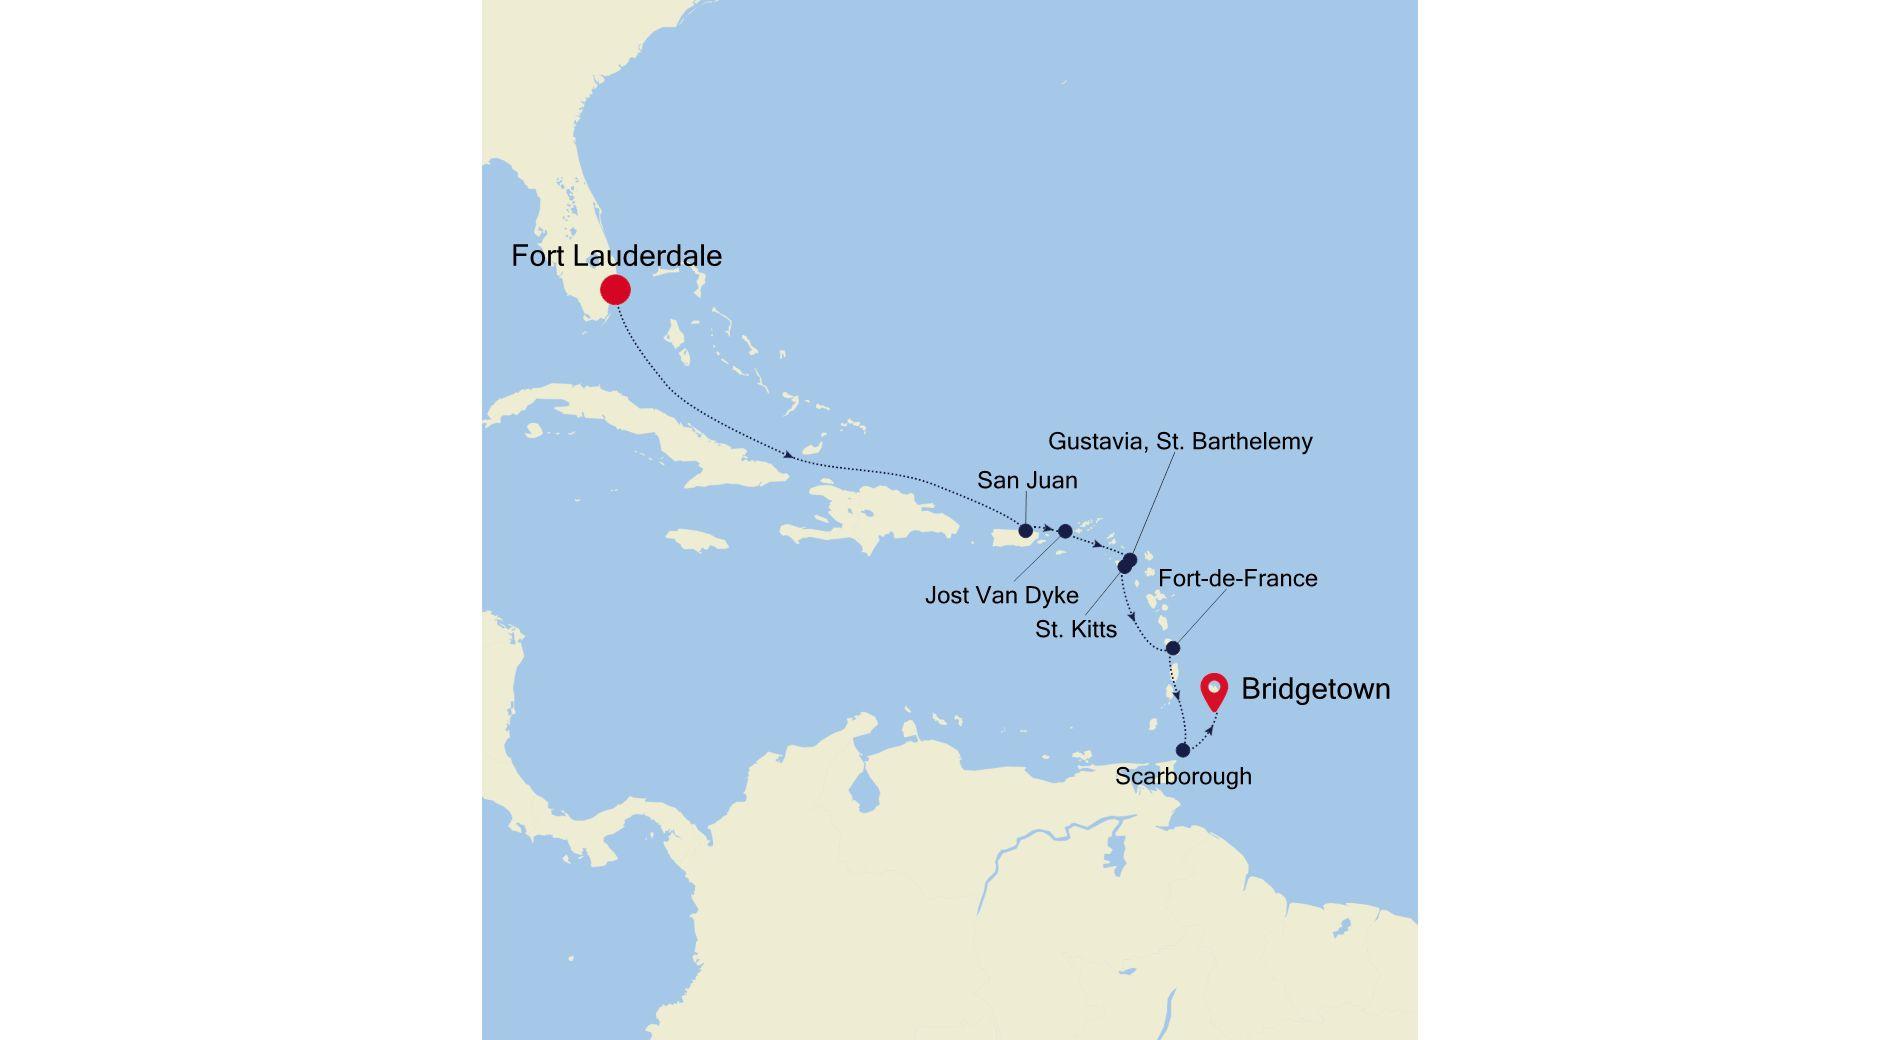 WH211217010 - Fort Lauderdale nach Bridgetown